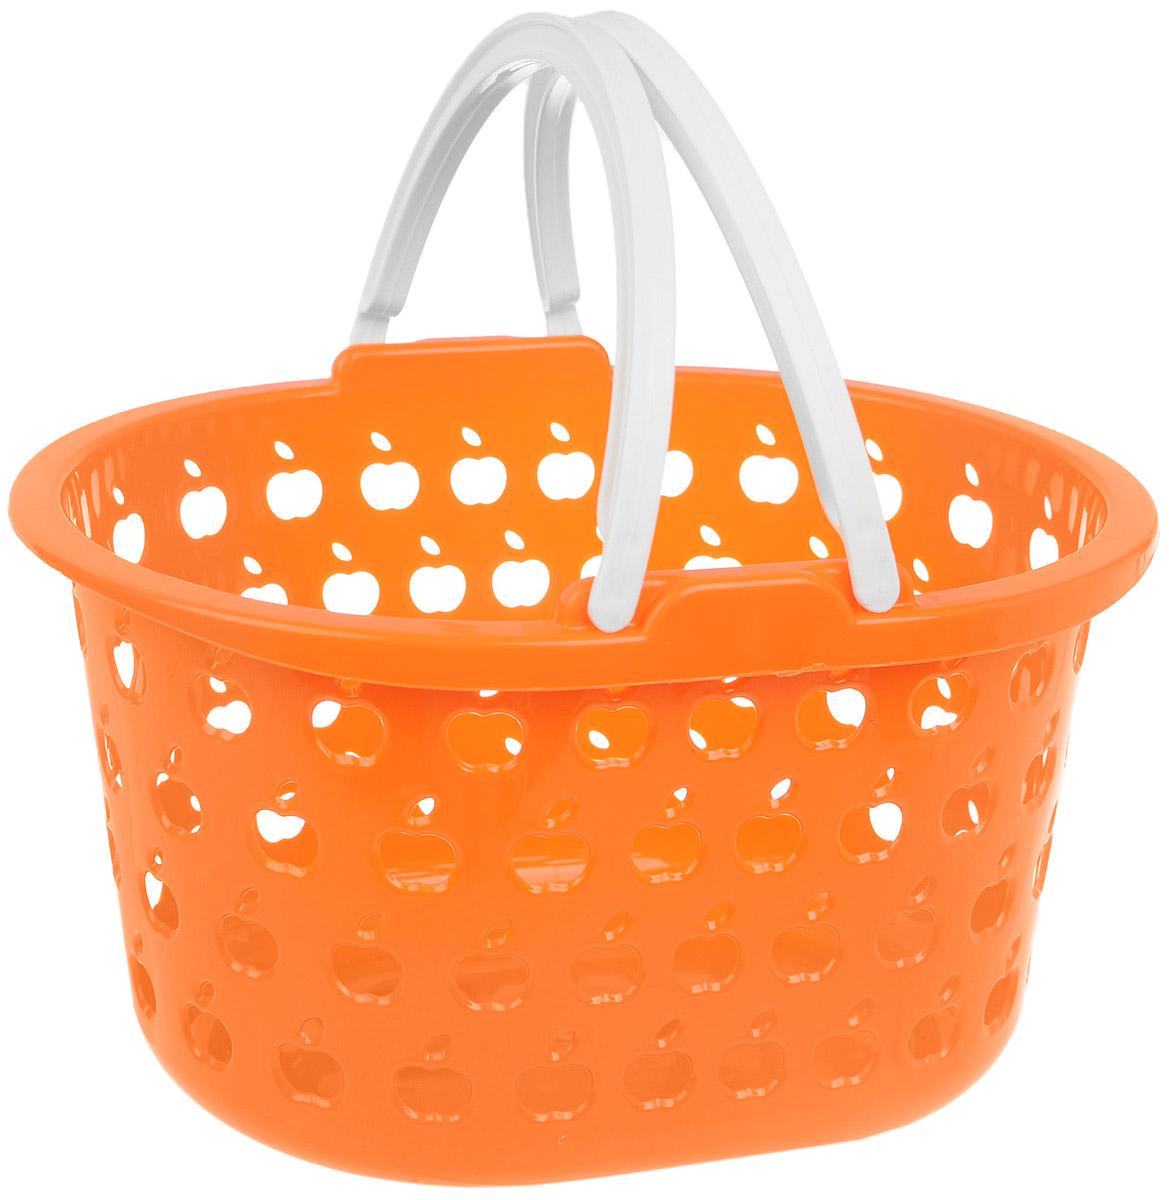 Корзина Полимербыт Стайл, цвет: оранжевый, белый, 3,2 л115510Овальная корзина Полимербыт Стайл изготовлена из высококачественного цветного пластика и декорирована перфорацией в виде яблок. Она предназначена для хранения различных мелочей дома или на даче. Для удобства переноски имеются две ручки. Позволяет хранить мелкие вещи, исключая возможность их потери. Корзина очень вместительная. Элегантный выдержанный дизайн позволяет органично вписаться в ваш интерьер и стать его элементом.Размер корзины (без учета ручек): 23 см х 18,5 см х 14 см.